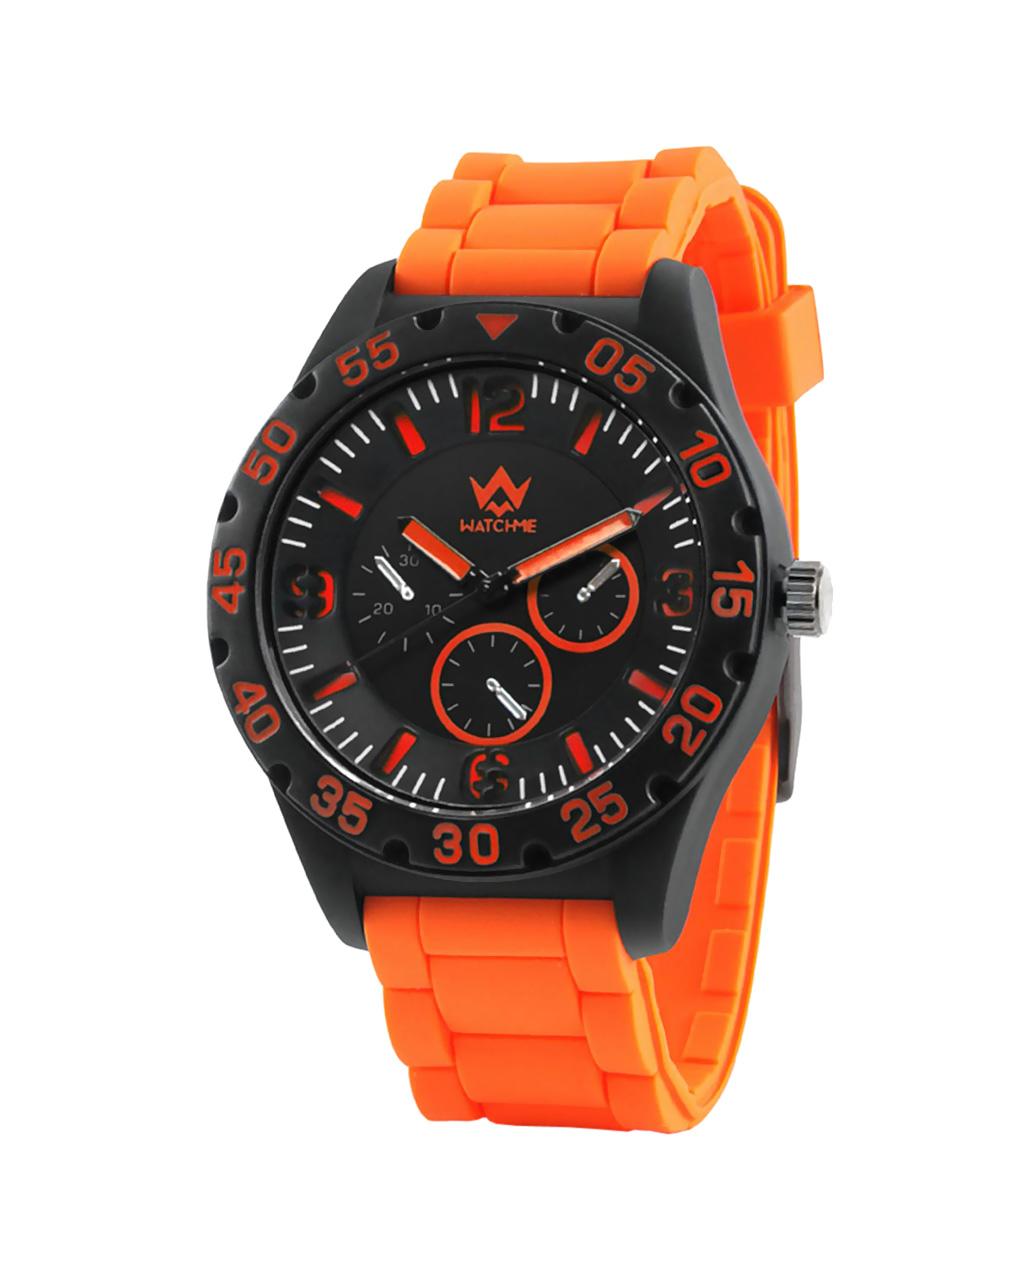 Ρολόι WATCHME Freedom ORANGE 01-0009   προσφορεσ ρολόγια ρολόγια έως 100ε